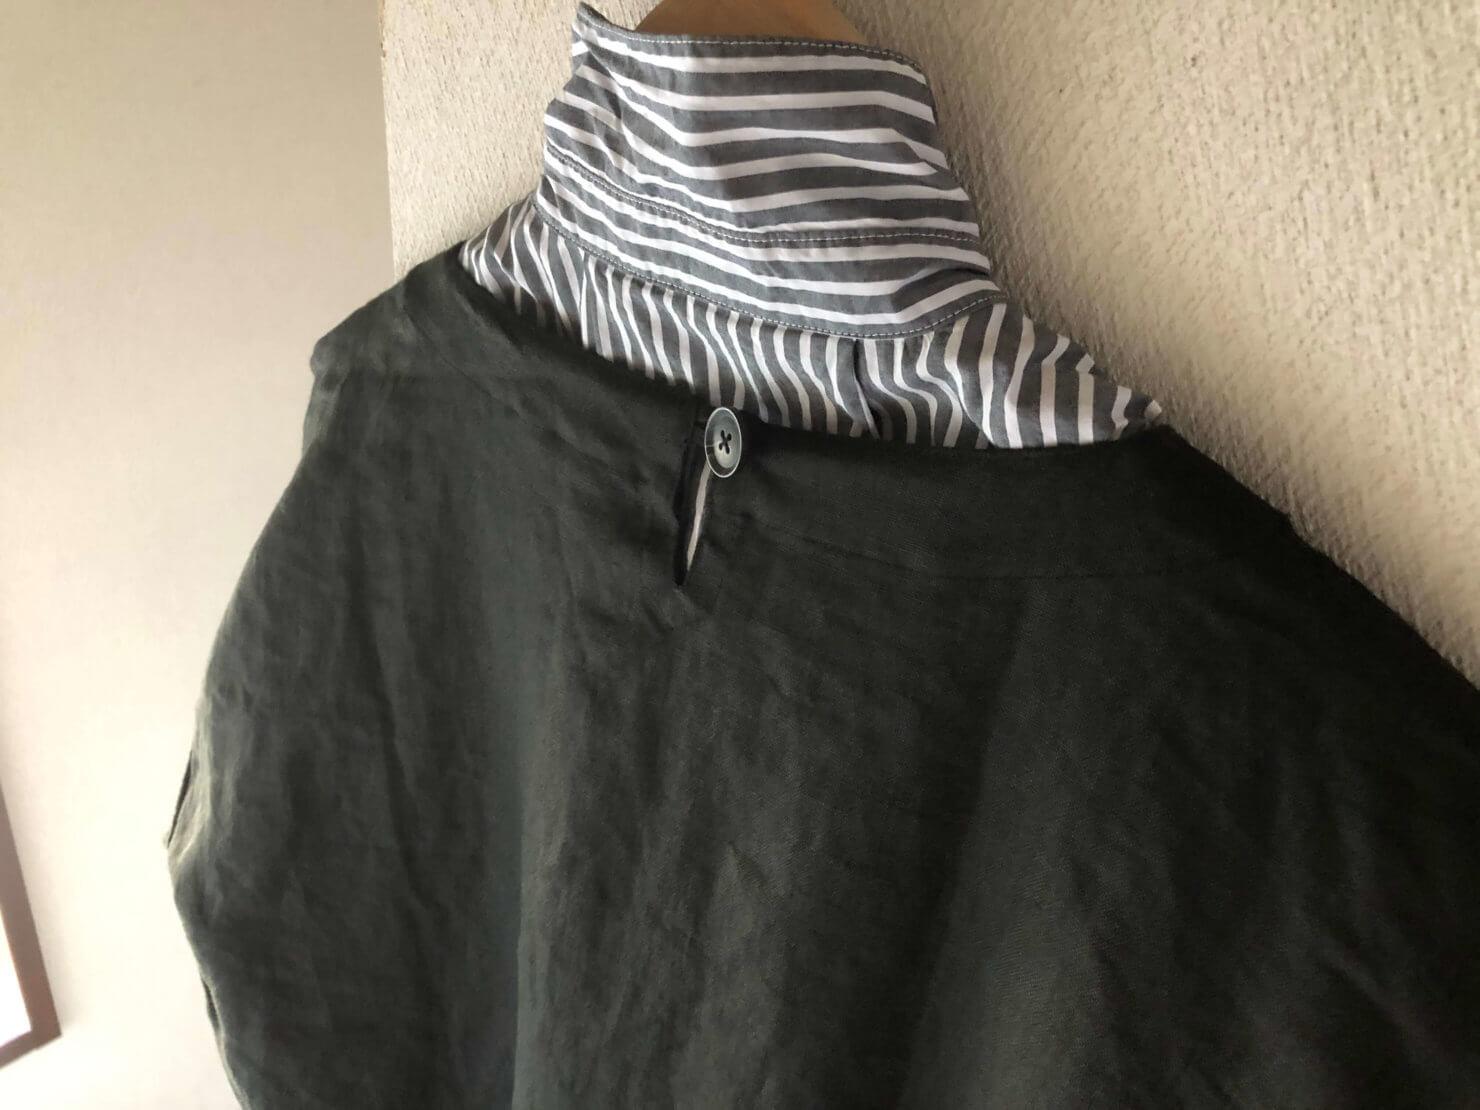 EARTH COLOR制作「黒リネン割烹着」の首元後ろにはボタン1つあります